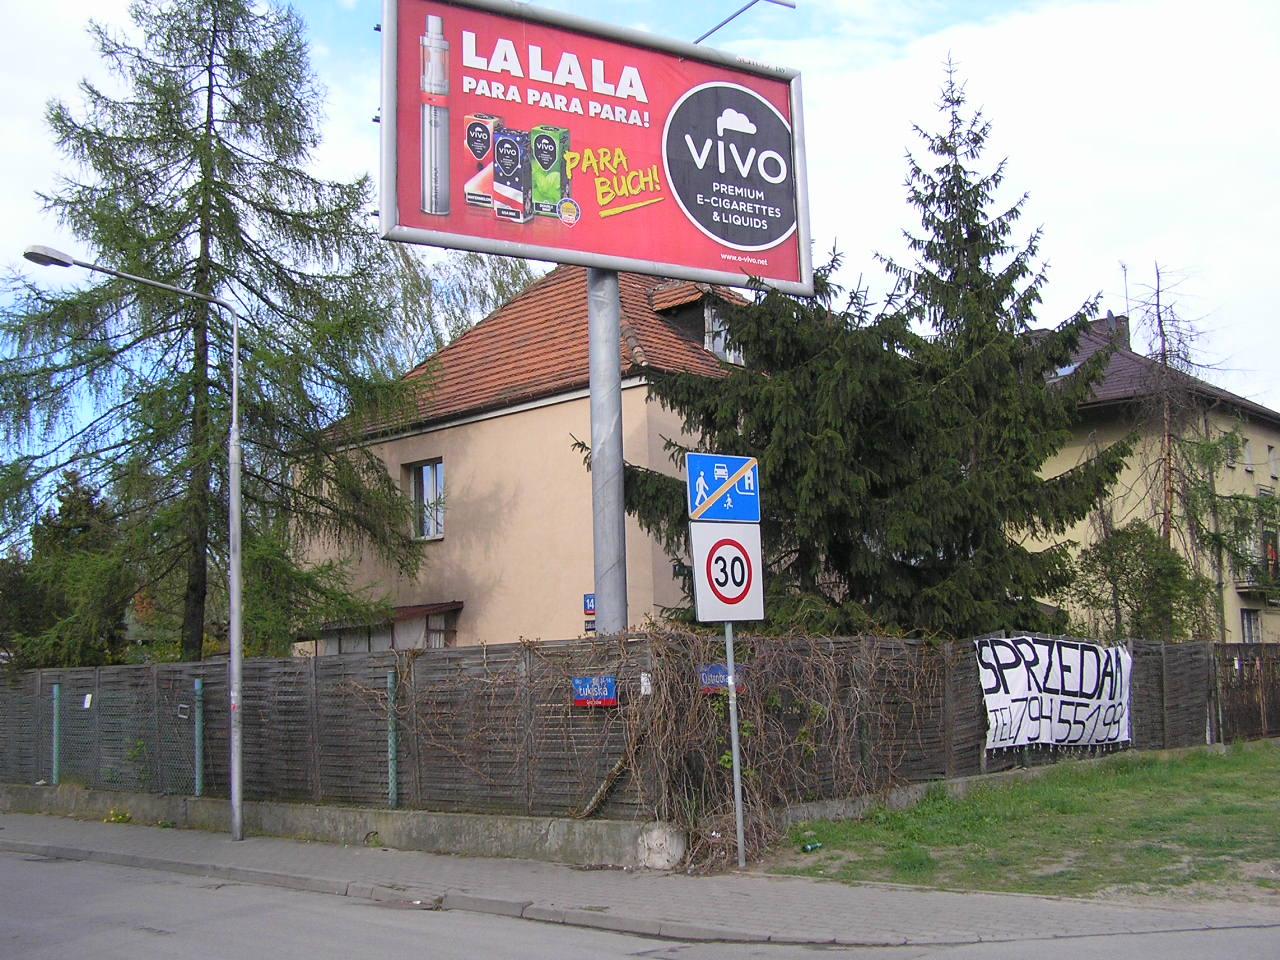 Dom przy ulicy Łukiskiej 14 na Grochowie